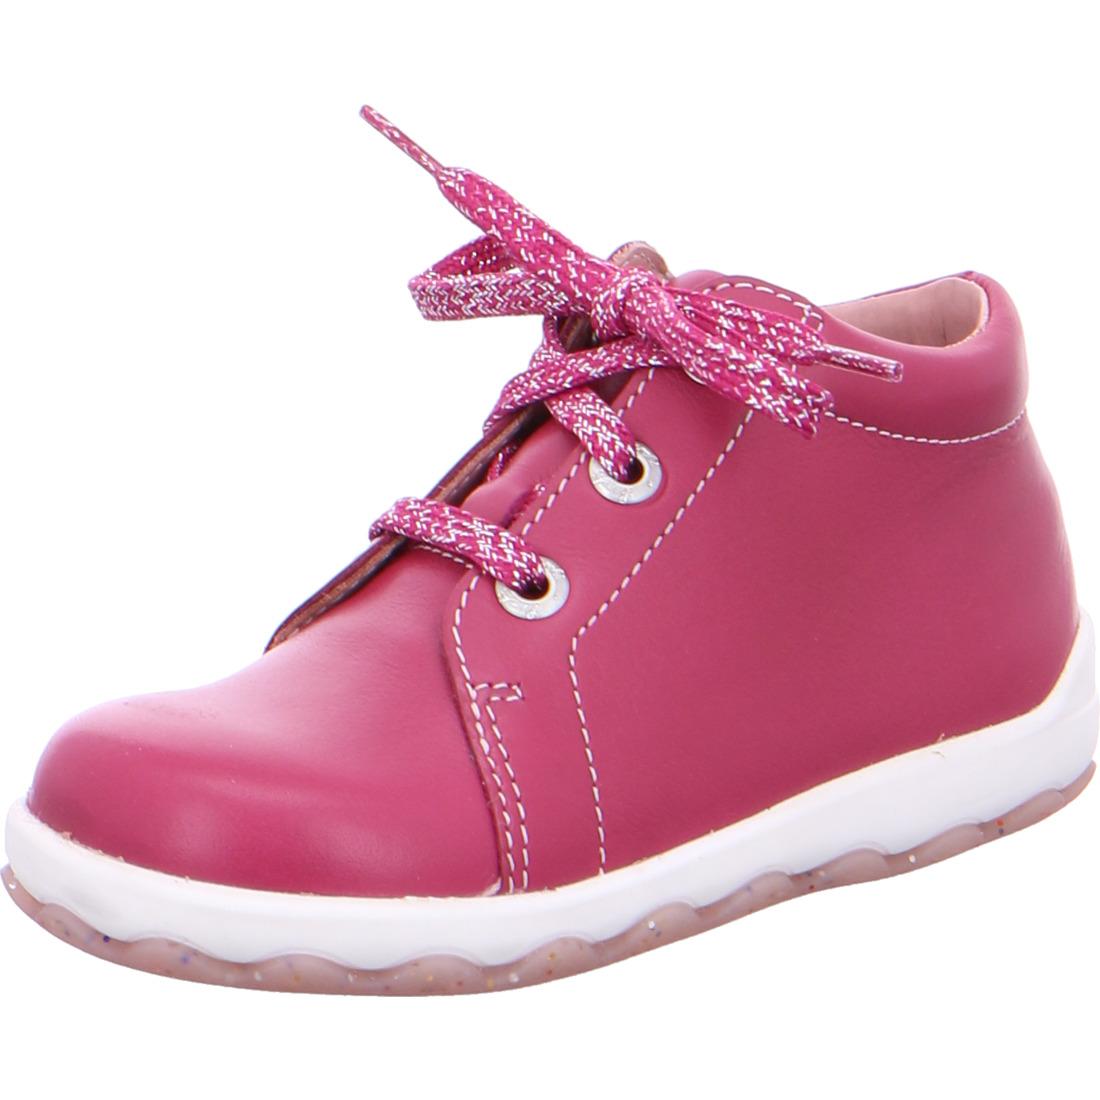 40dd0ccbf5 Dětská obuv